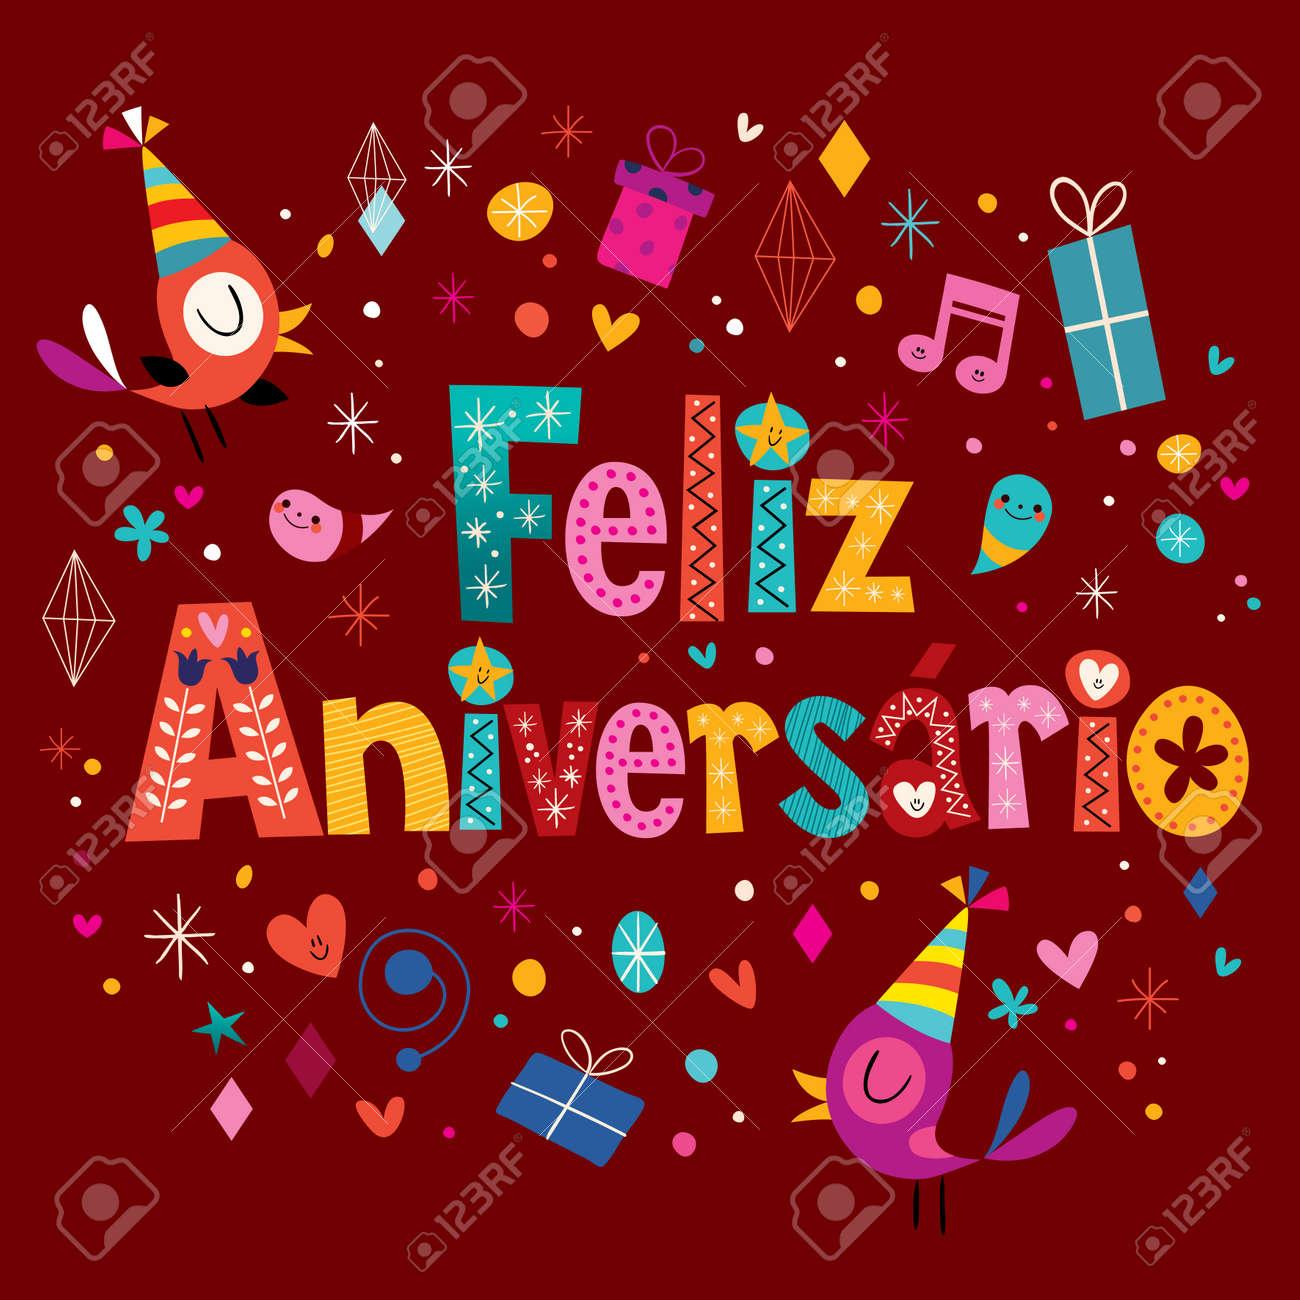 Feliz aniversario portuguese happy birthday greeting card royalty feliz aniversario portuguese happy birthday greeting card stock vector 56253016 m4hsunfo